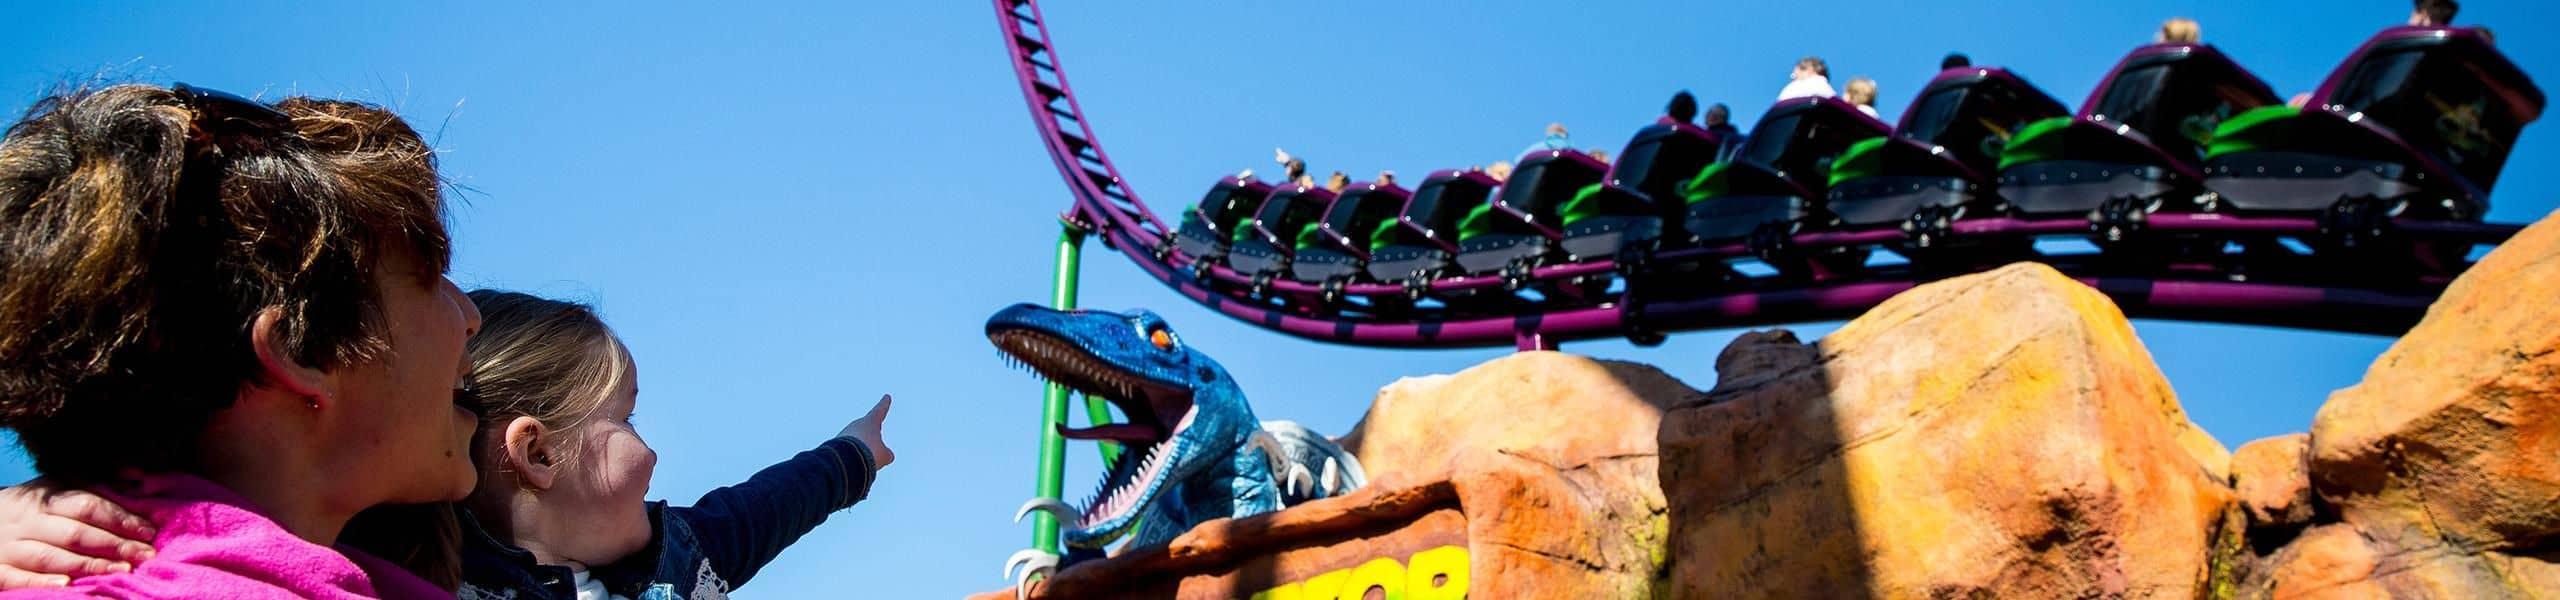 Velociraptor Family Roller Coaster | Paultons Park